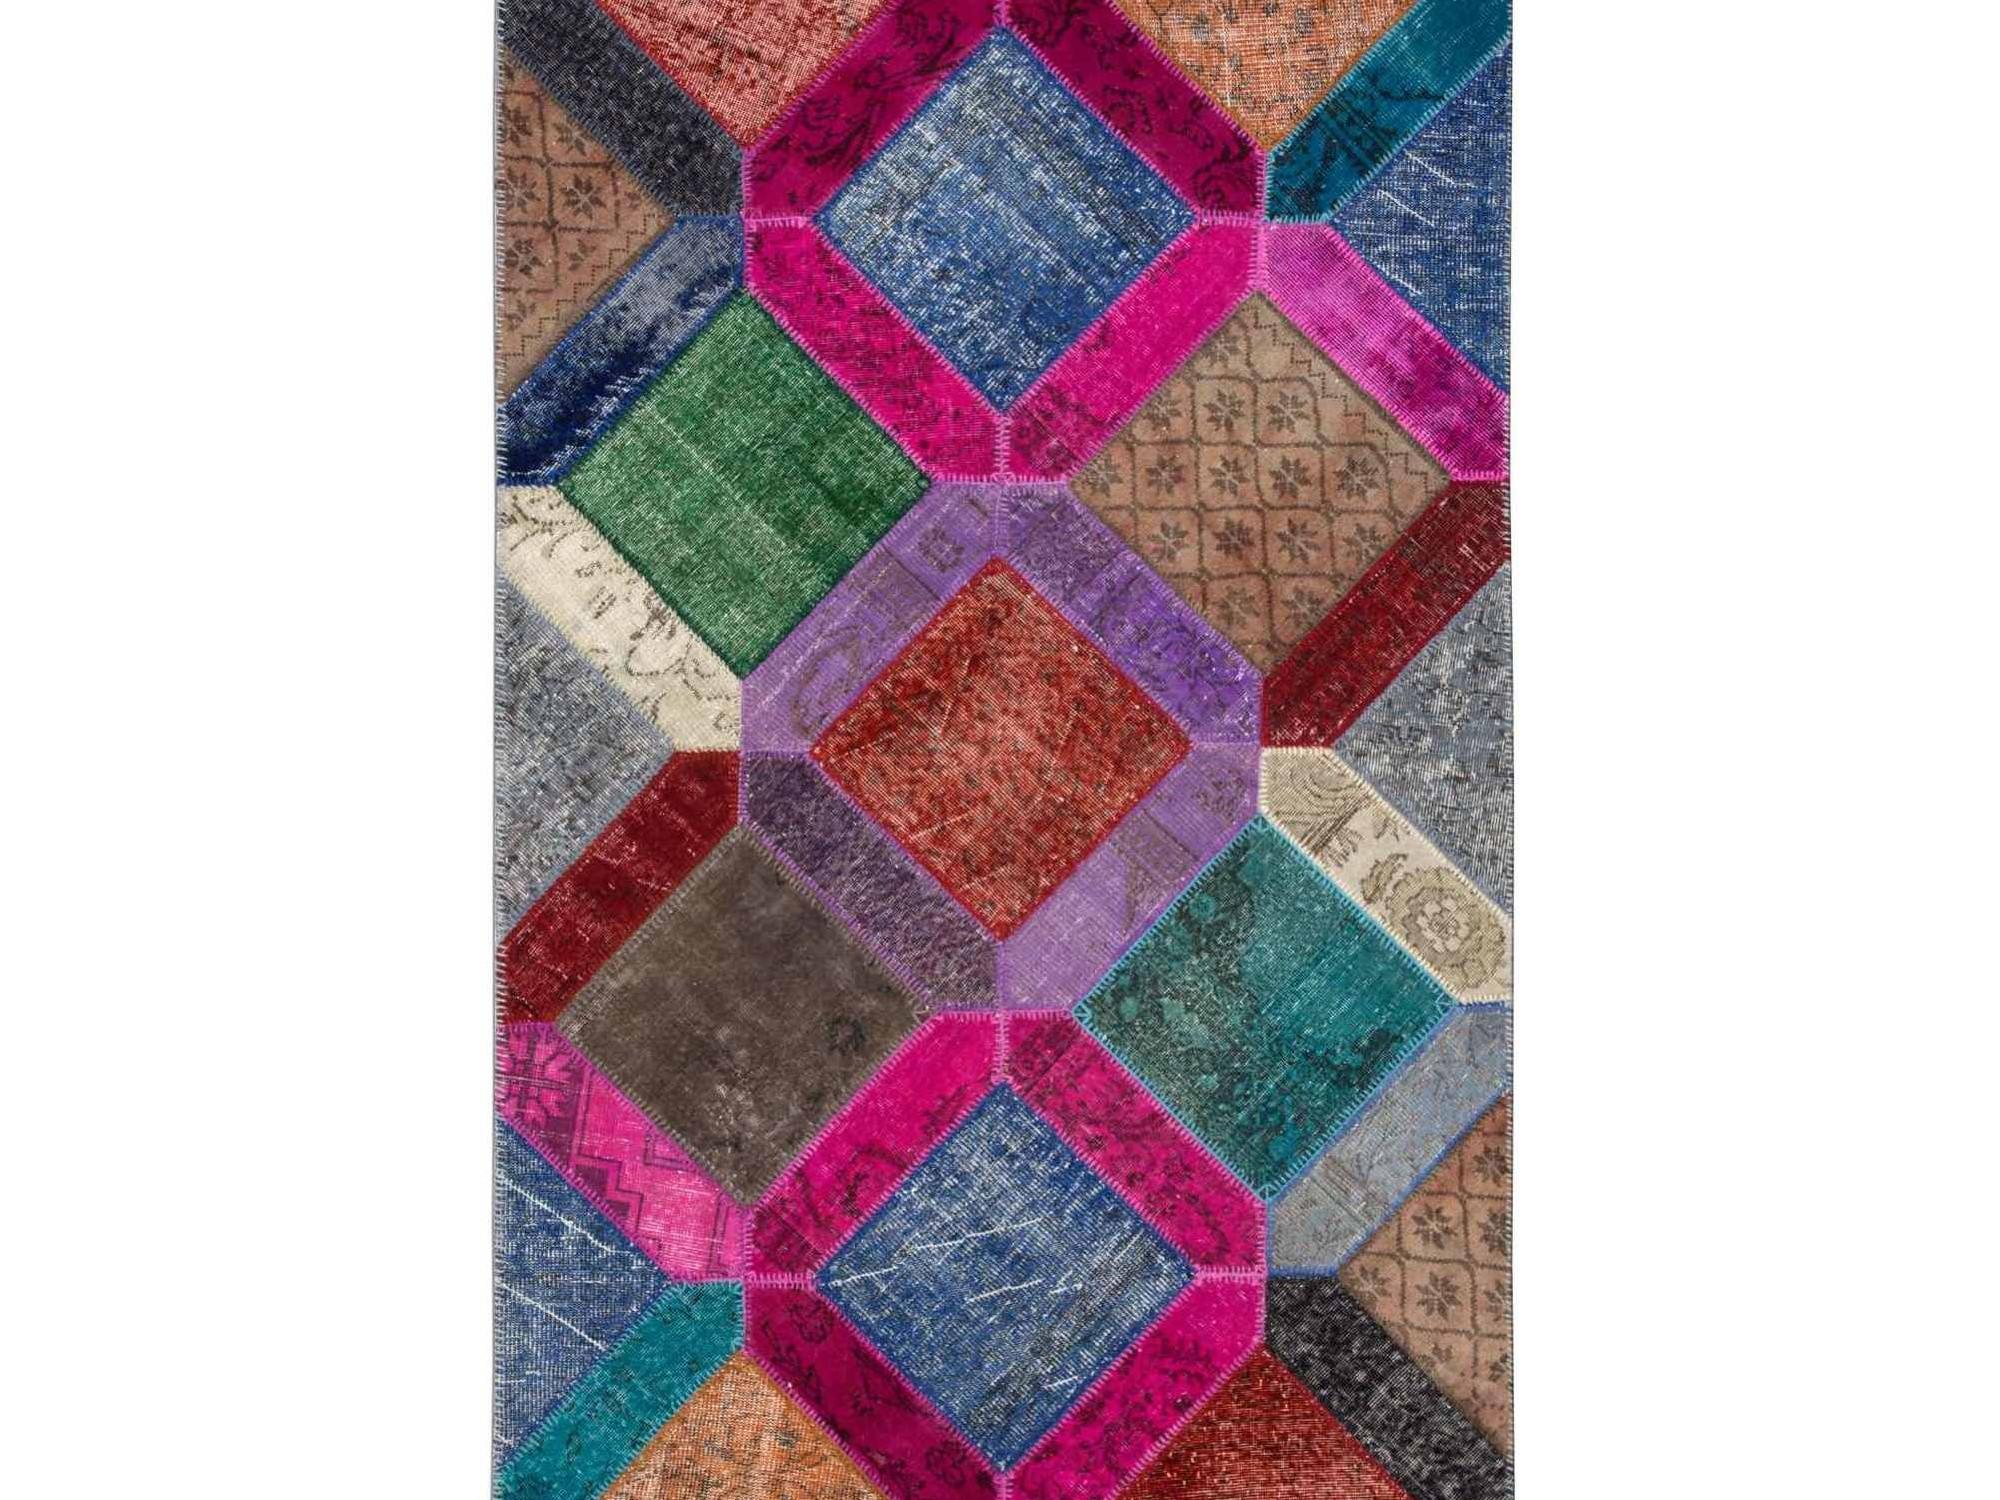 Ковер PatchworkПрямоугольные ковры<br>Винтажный ковер ручной работы в стиле &amp;quot;пэчворк&amp;quot; <br>из 100% шерсти. Ковер прекрасно подходит в <br>любые современные и классические интерьеры, <br>а благодаря толщине ковра всего 5 мм. и отсутствию <br>ворса, его легко чистить любыми видами пылесосов. <br>Этот настоящий ковер ручной работы не потеряет <br>своих красок и будет служить десятилетия.<br><br>Material: Шерсть<br>Ширина см: 159<br>Глубина см: 243